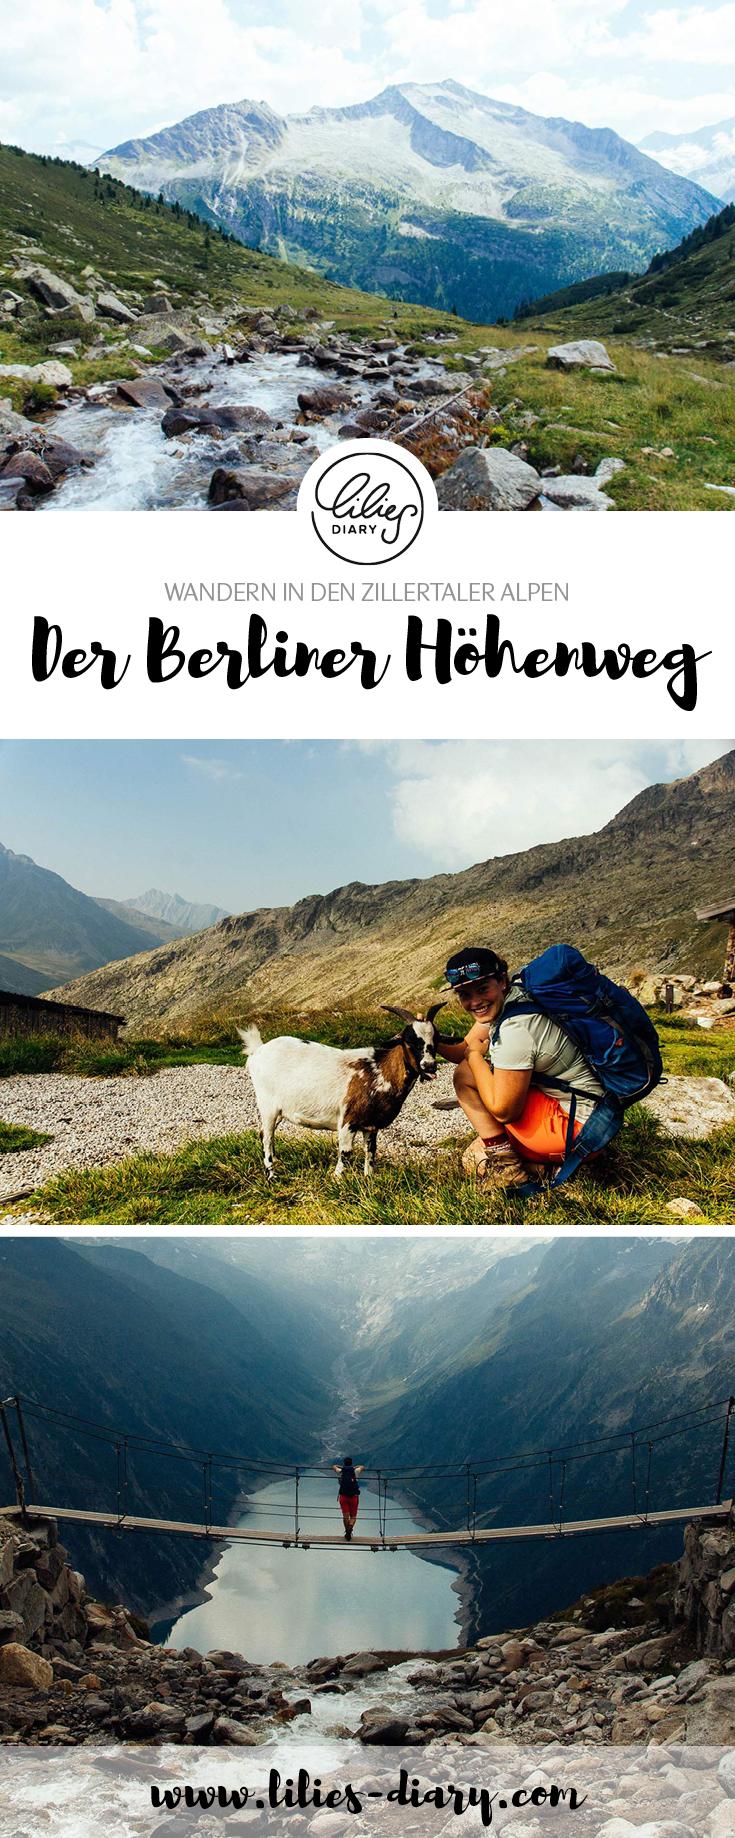 Berliner Hoehenweg